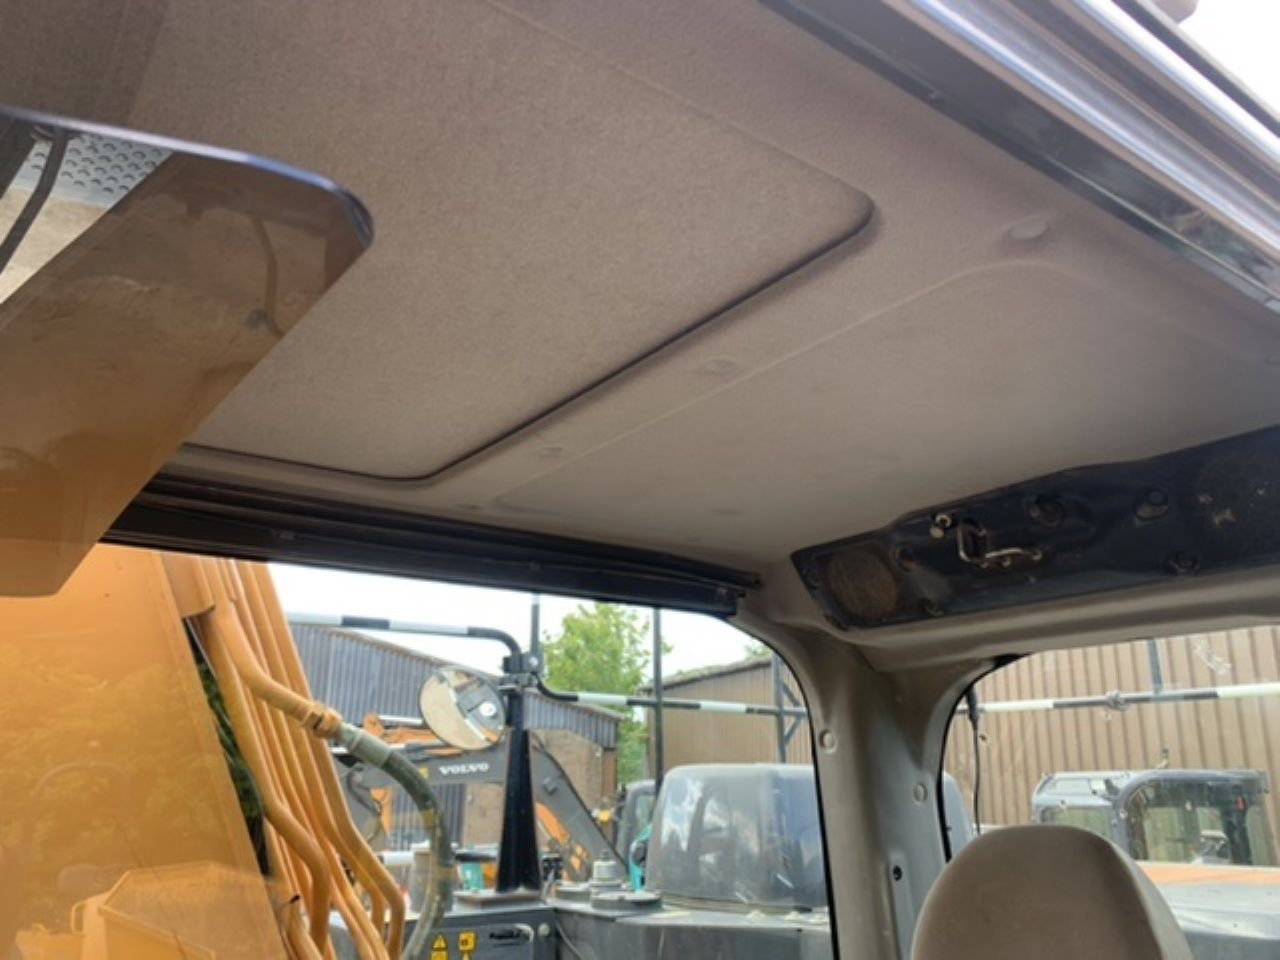 CASE CX130D  EXCAVATOR  - Picture 10